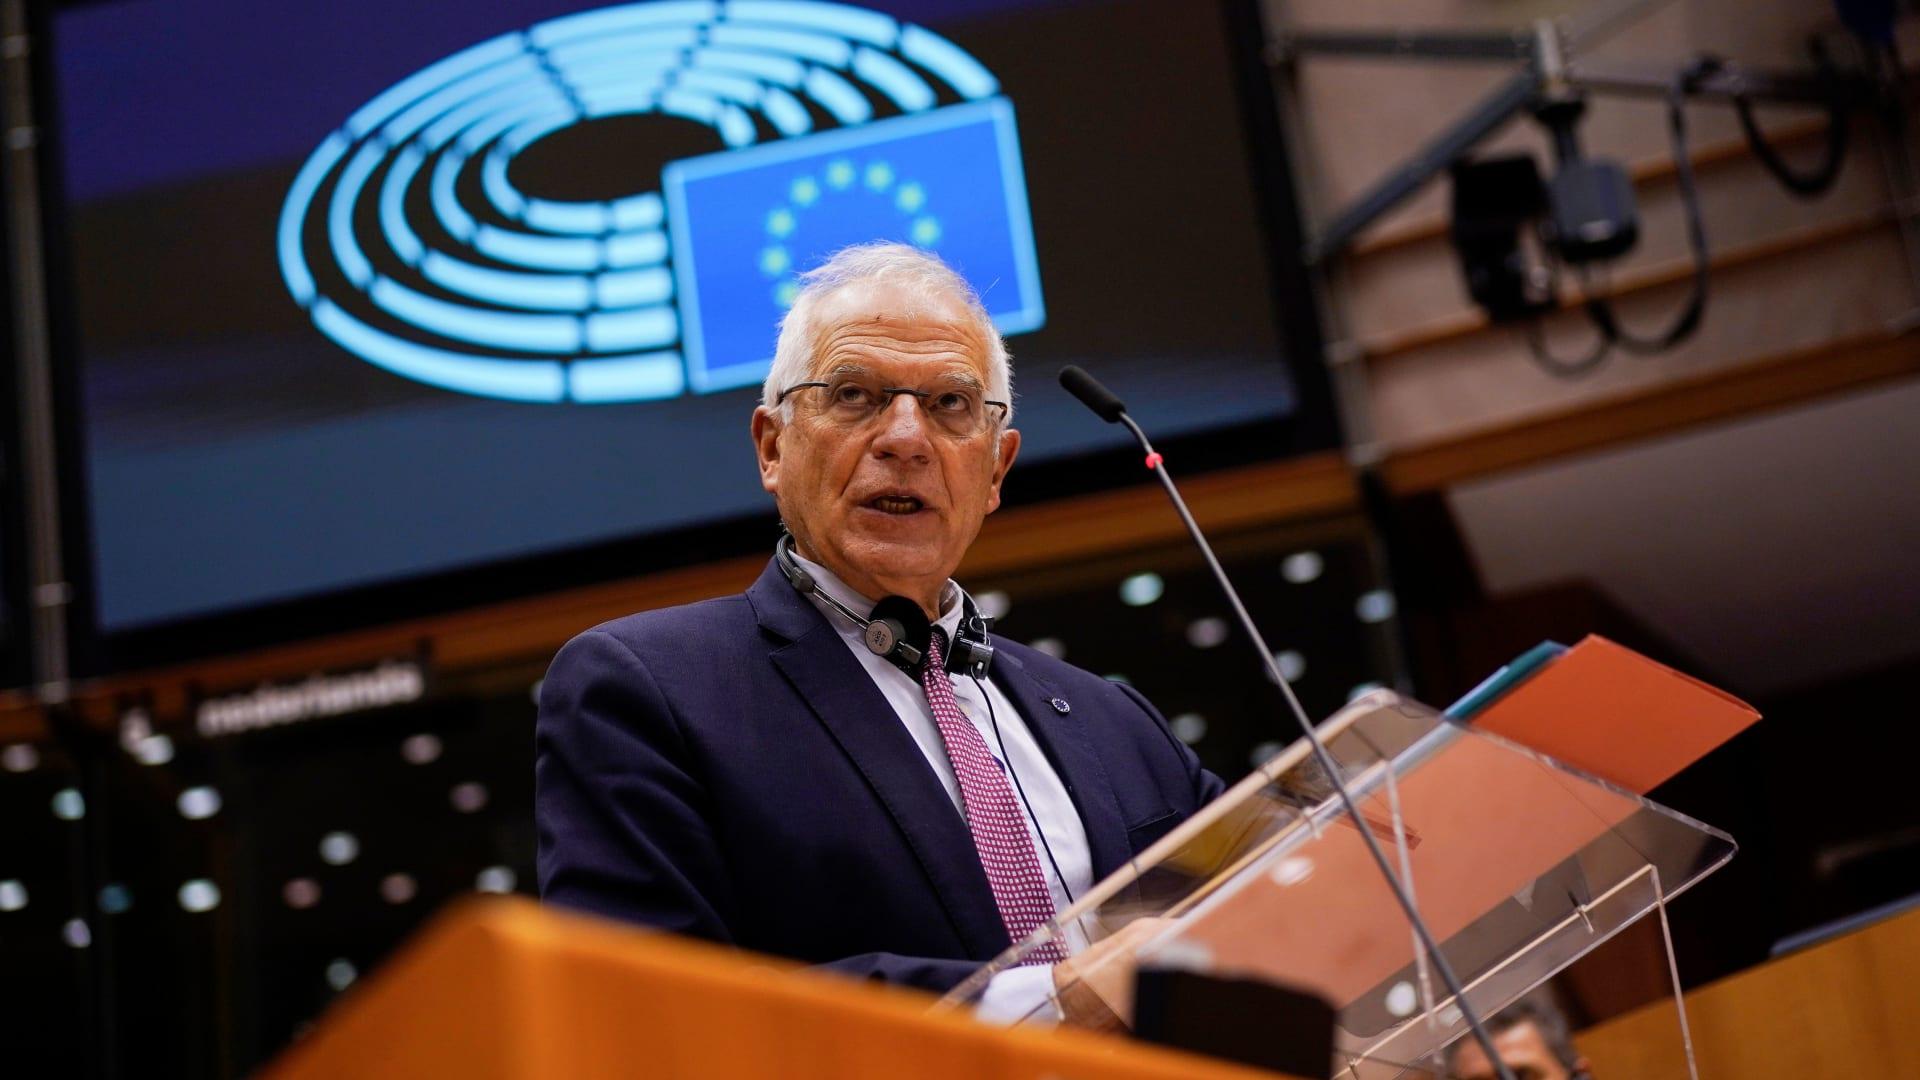 الاتحاد الأوروبي: اتفاق سد النهضة في متناول مصر والسودان وإثيوبيا.. ولا وقت للتوترات